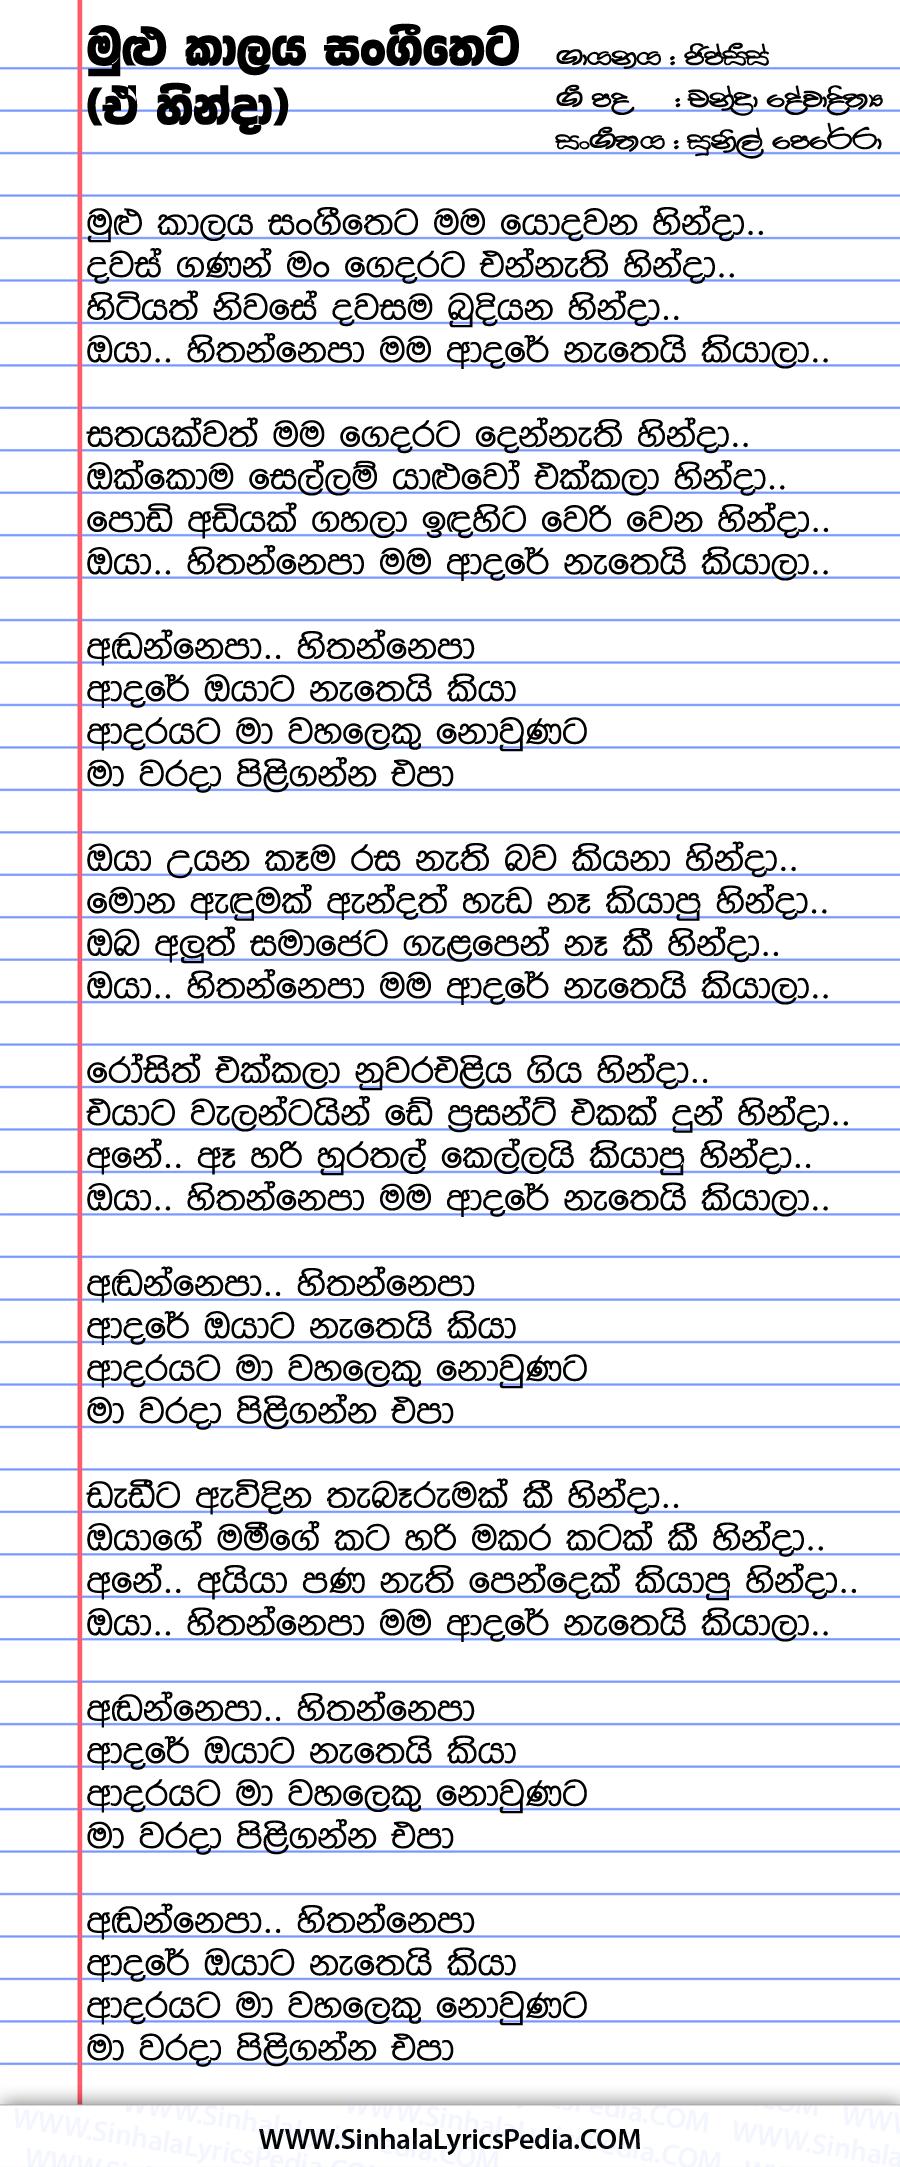 Mulu Kalaya Man Sangeetheta (Ae Hinda) Song Lyrics